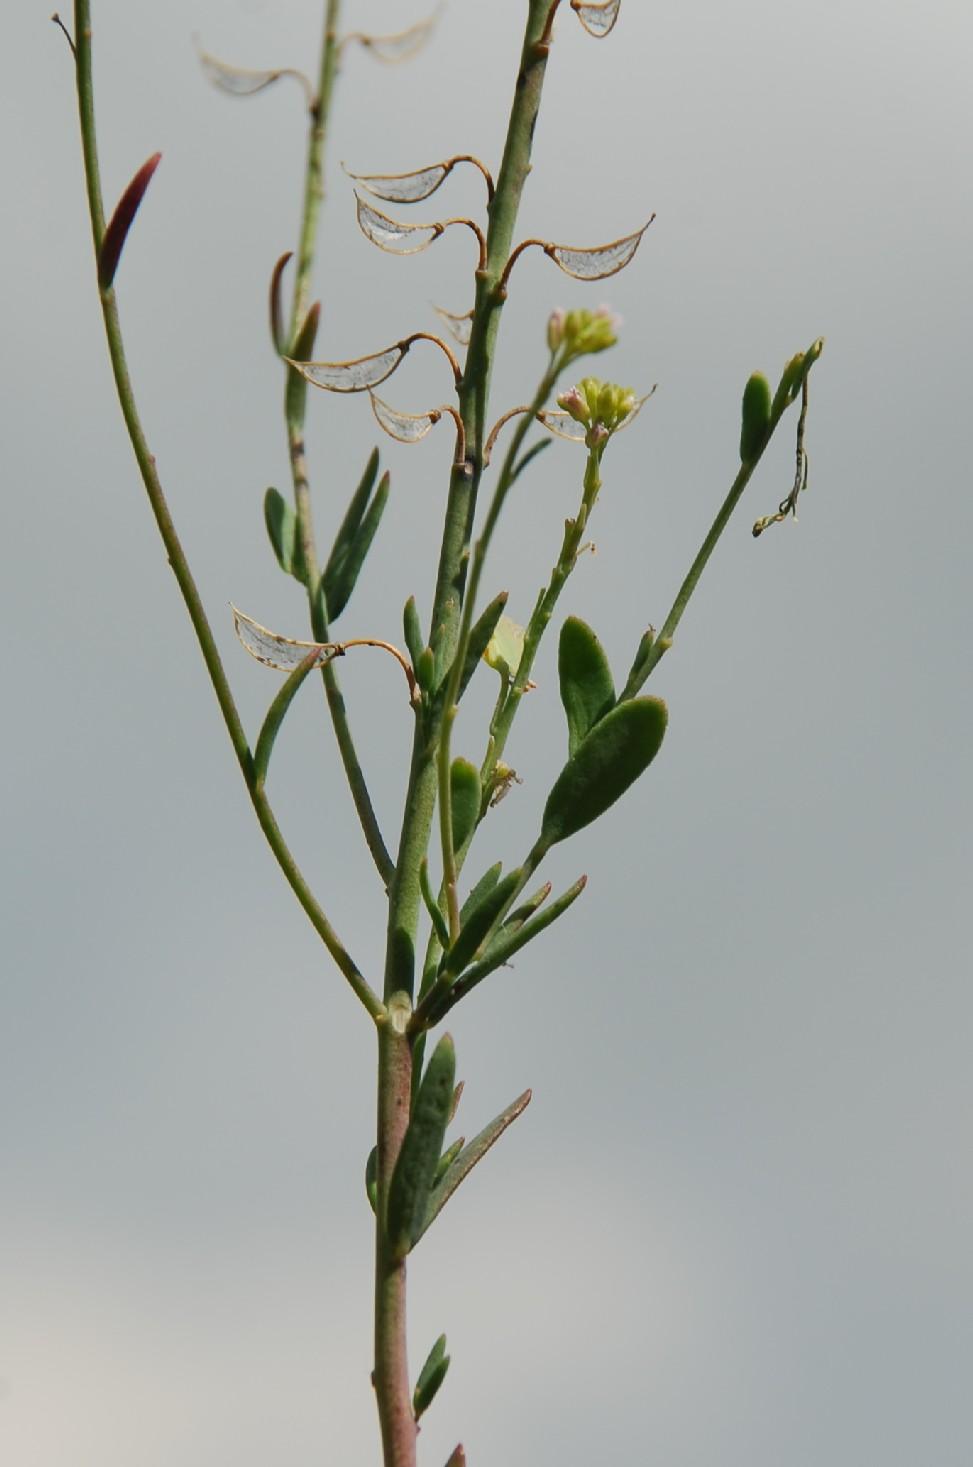 Aethionema saxatile subsp. saxatile 8